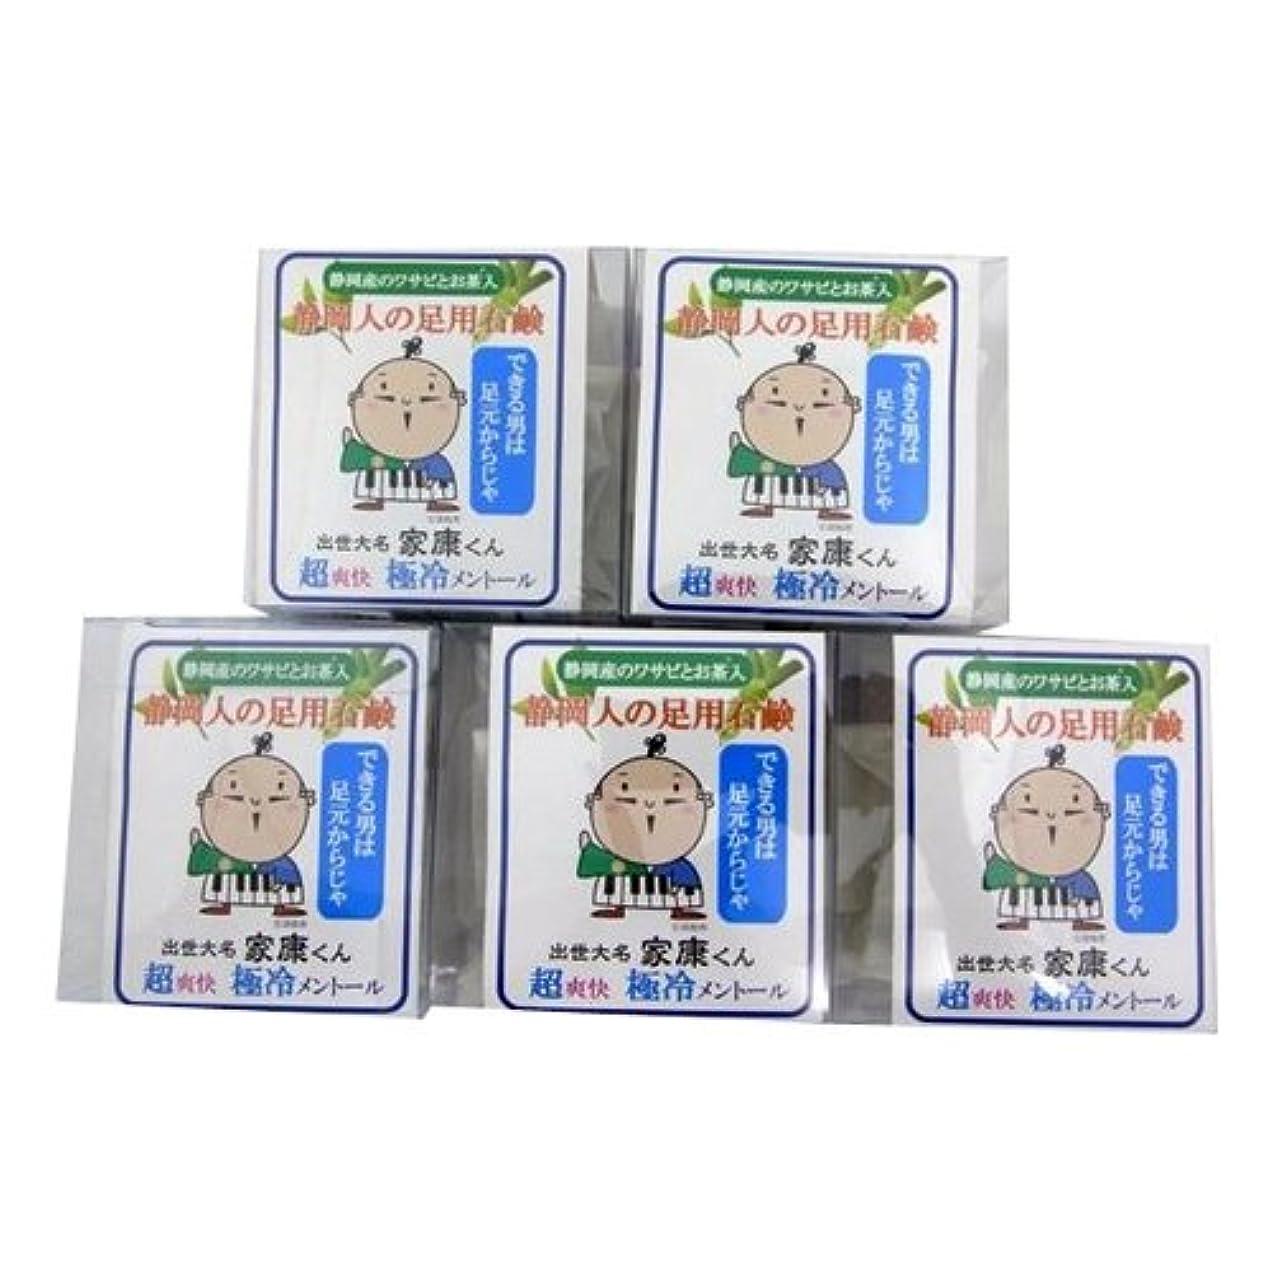 化学不均一居住者エコライフラボ 静岡人の足用石鹸60g (ネット付) 5個セット